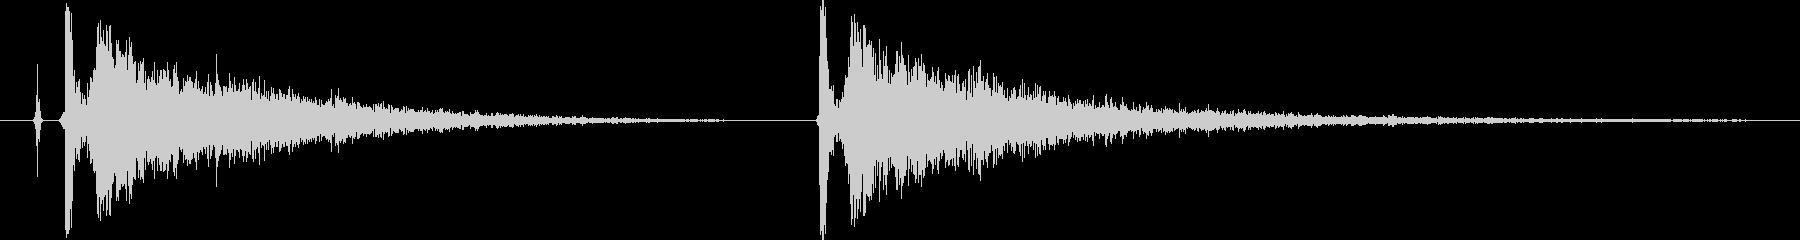 【カンカン】拍子木【和風な日本伝統芸能】の未再生の波形